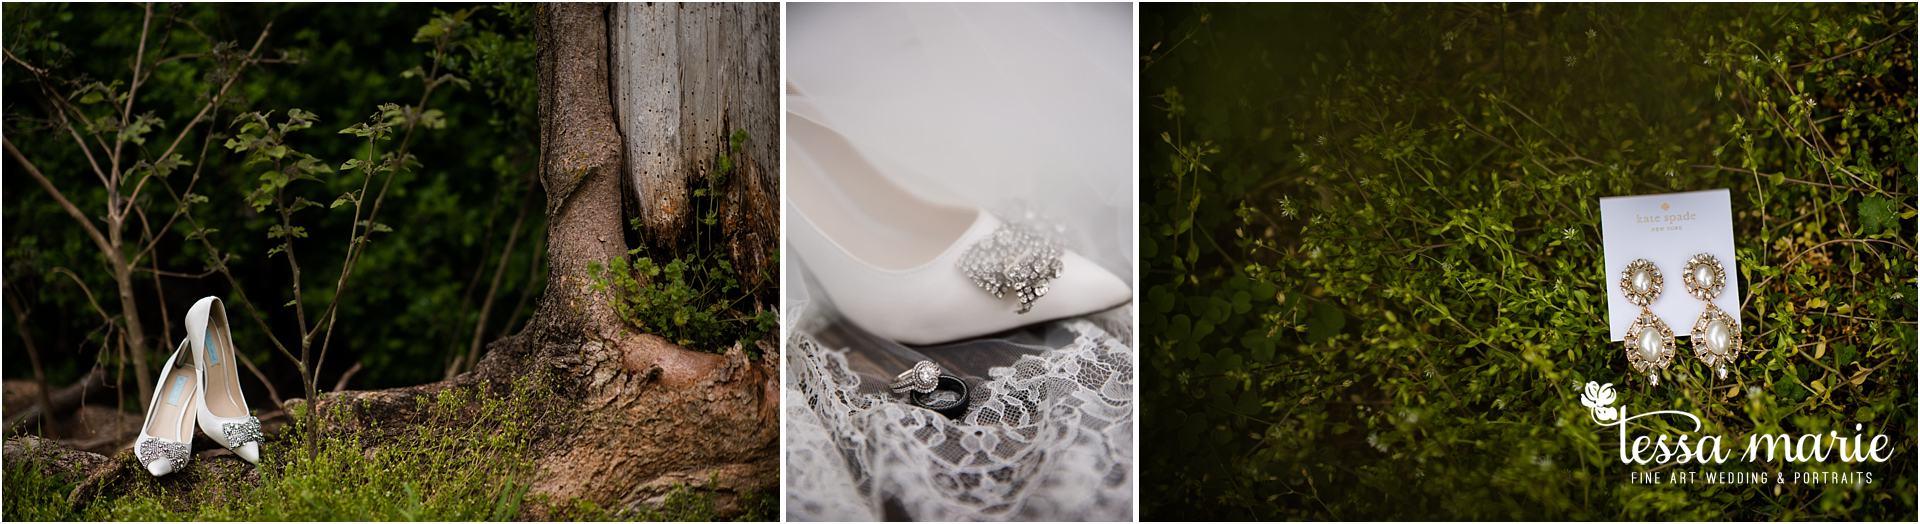 032216_brittany_kevin_wedding-2